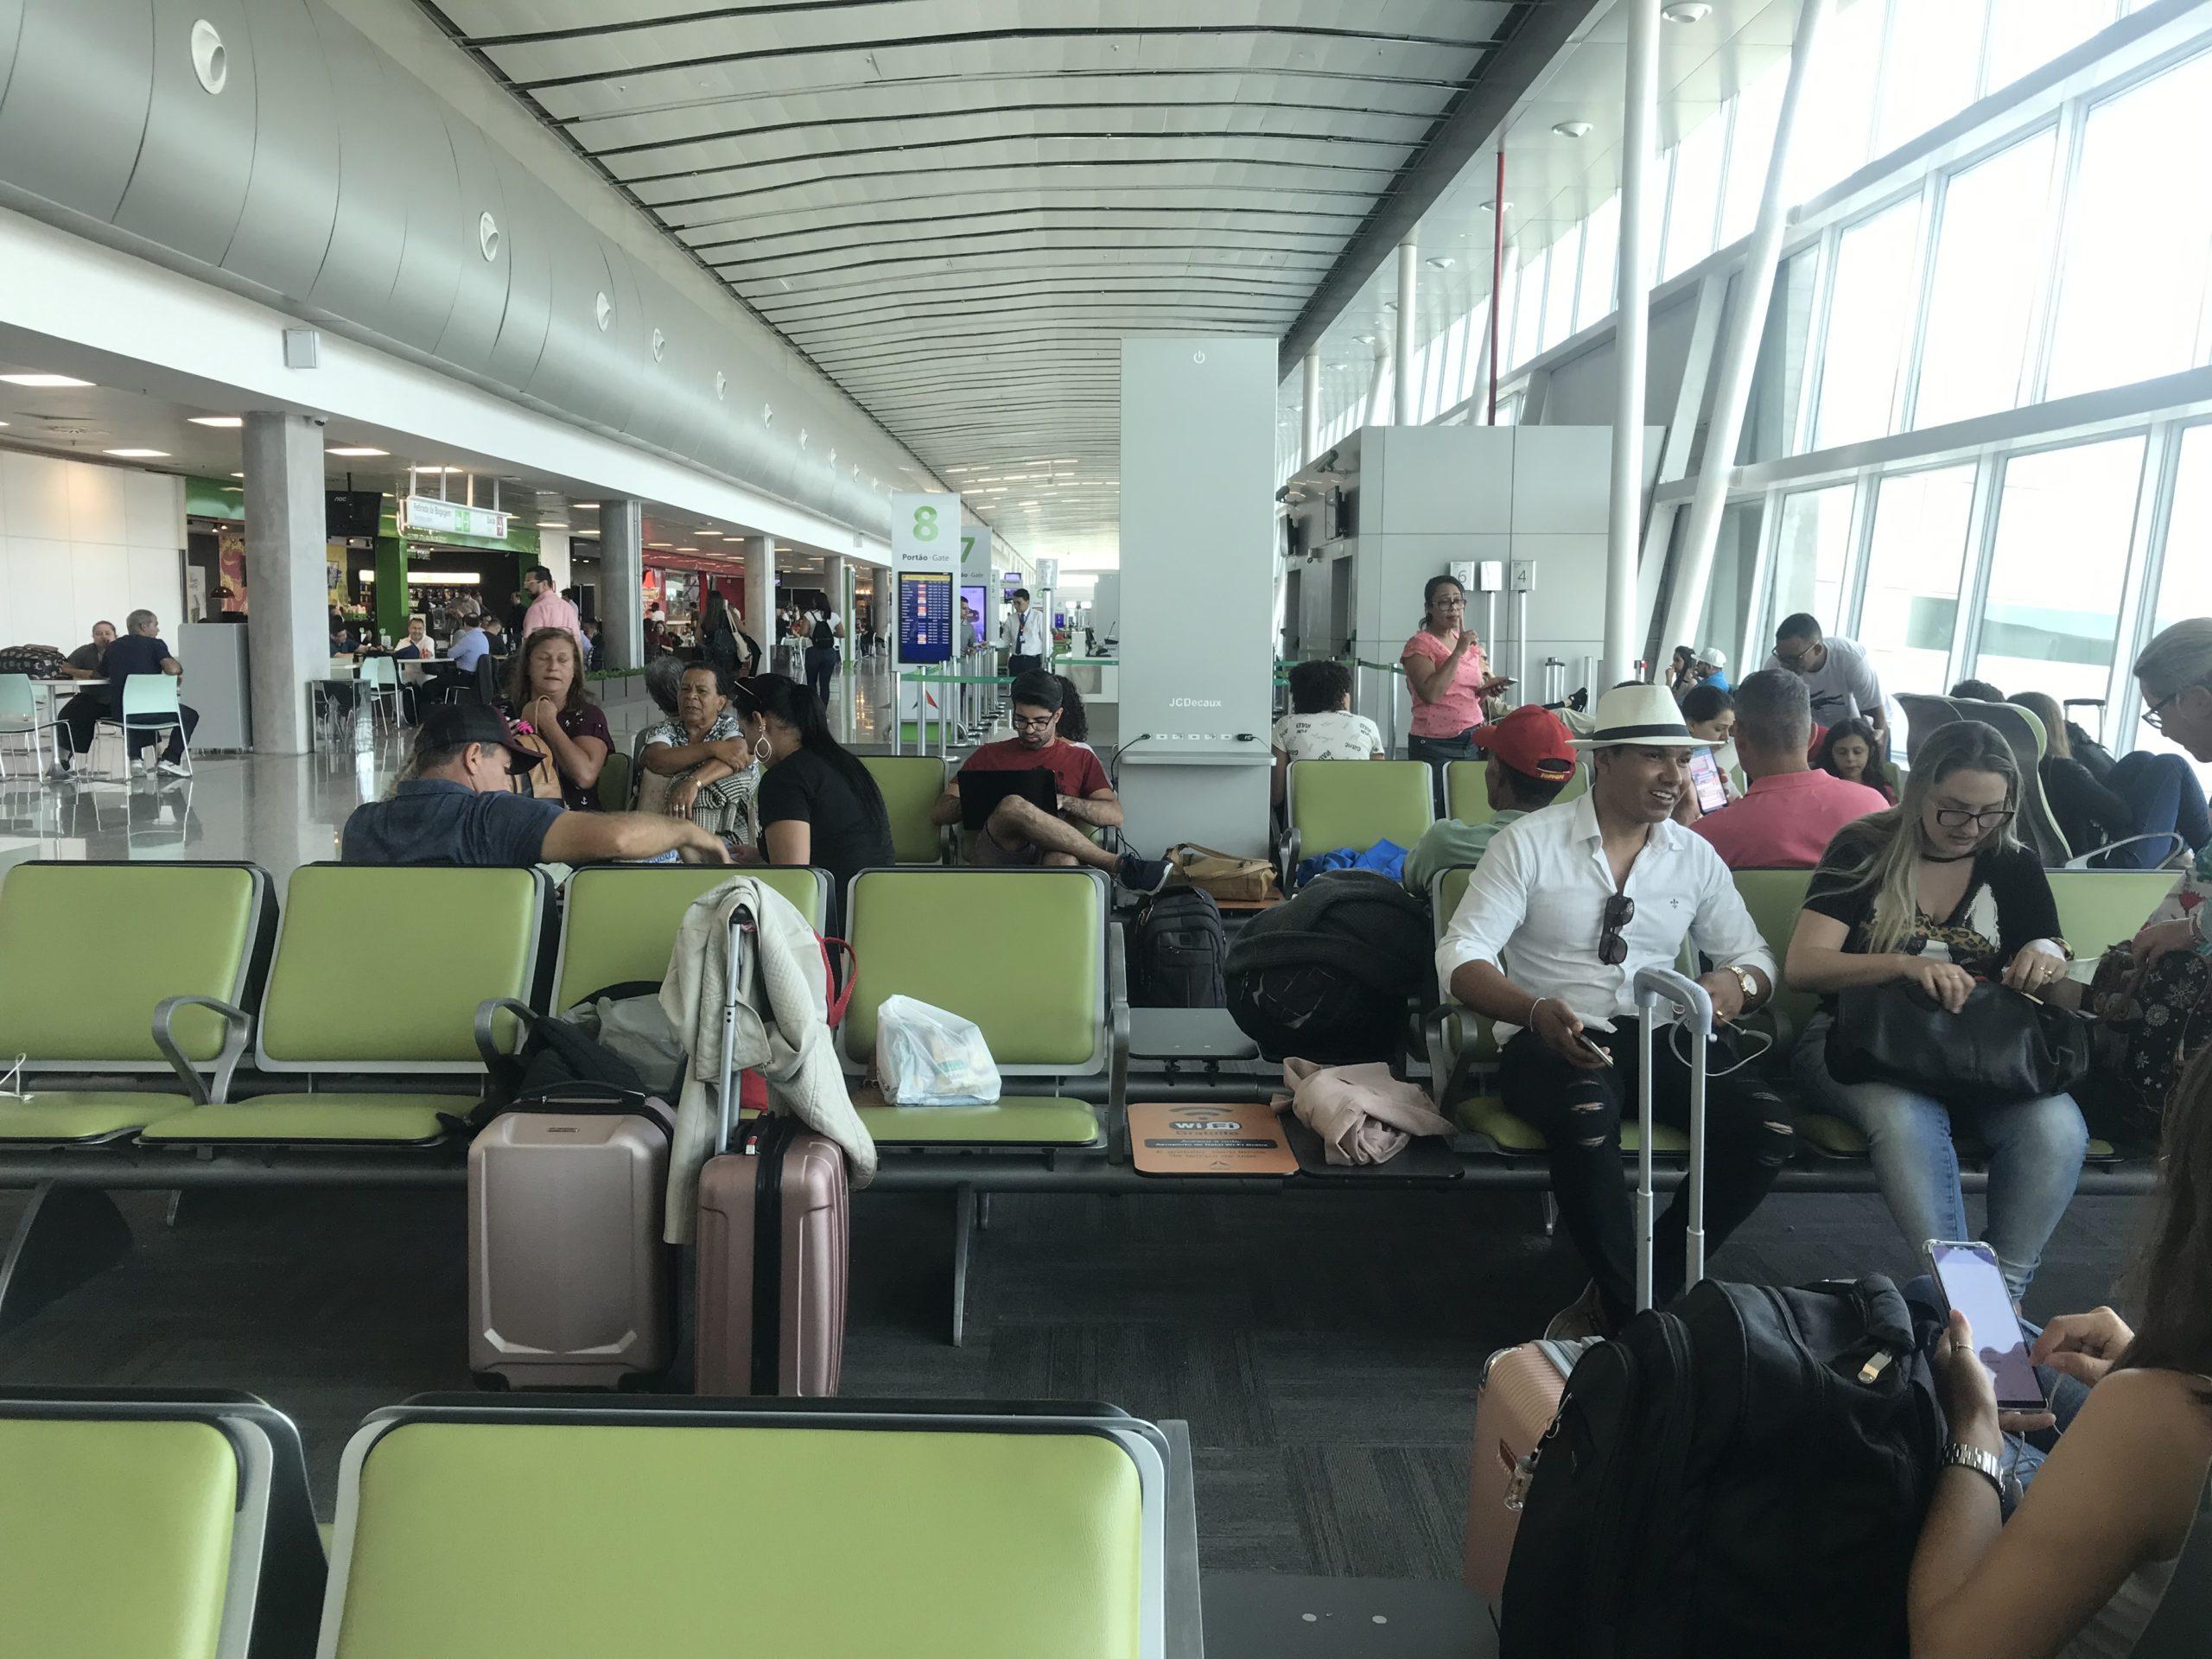 Aeroporto de Natal se prepara para atender alta na movimentação de Carnaval e companhias aéreas vão operar 42 voos extras